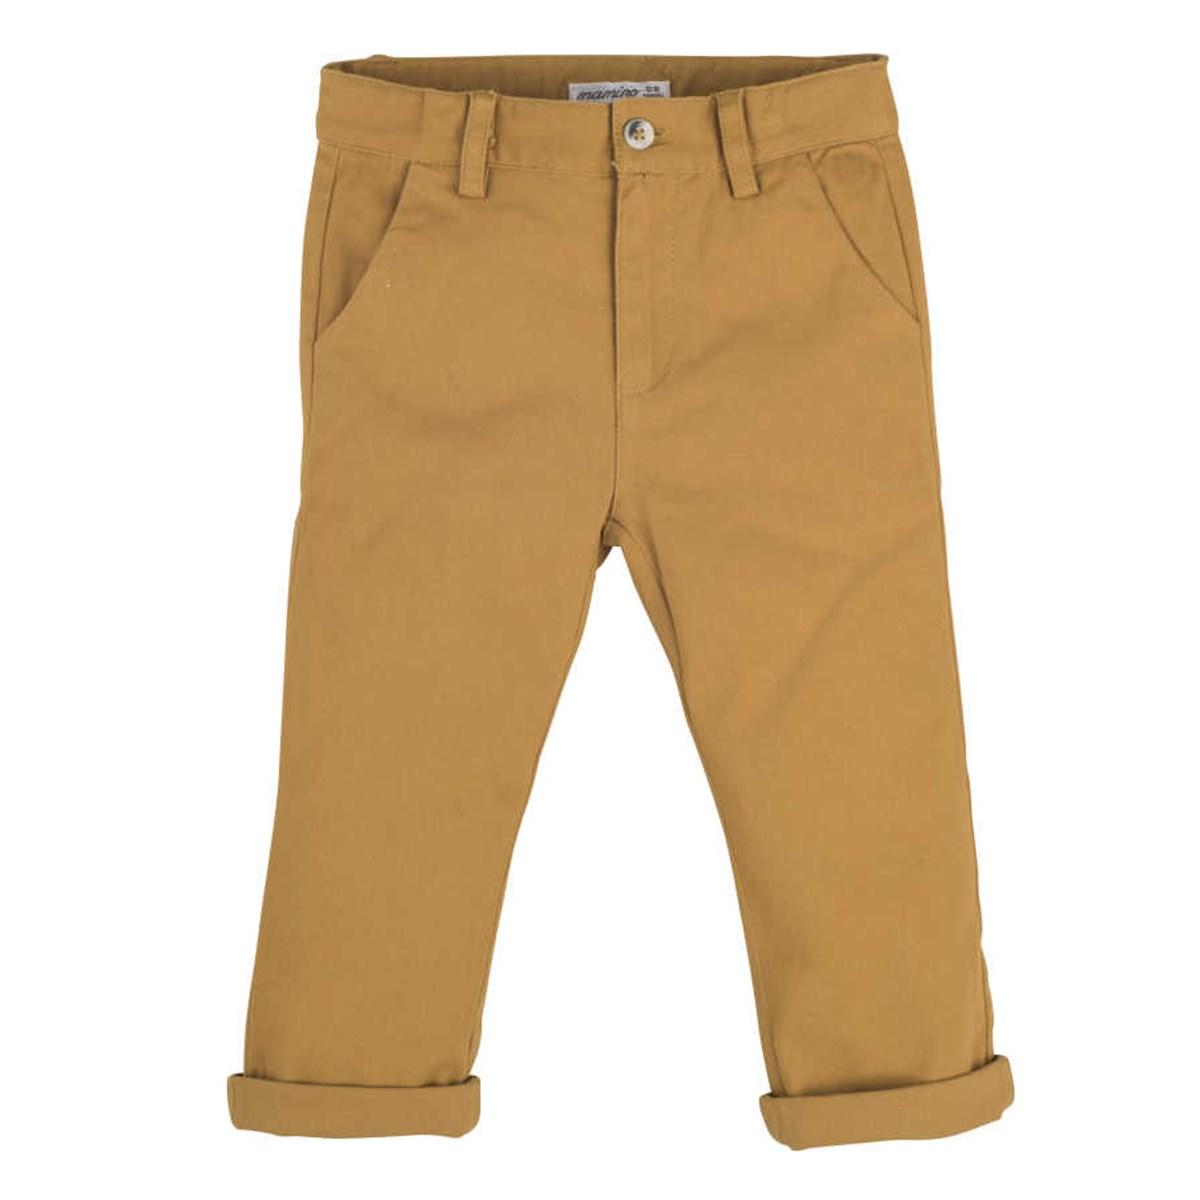 10825 Pantolon 1